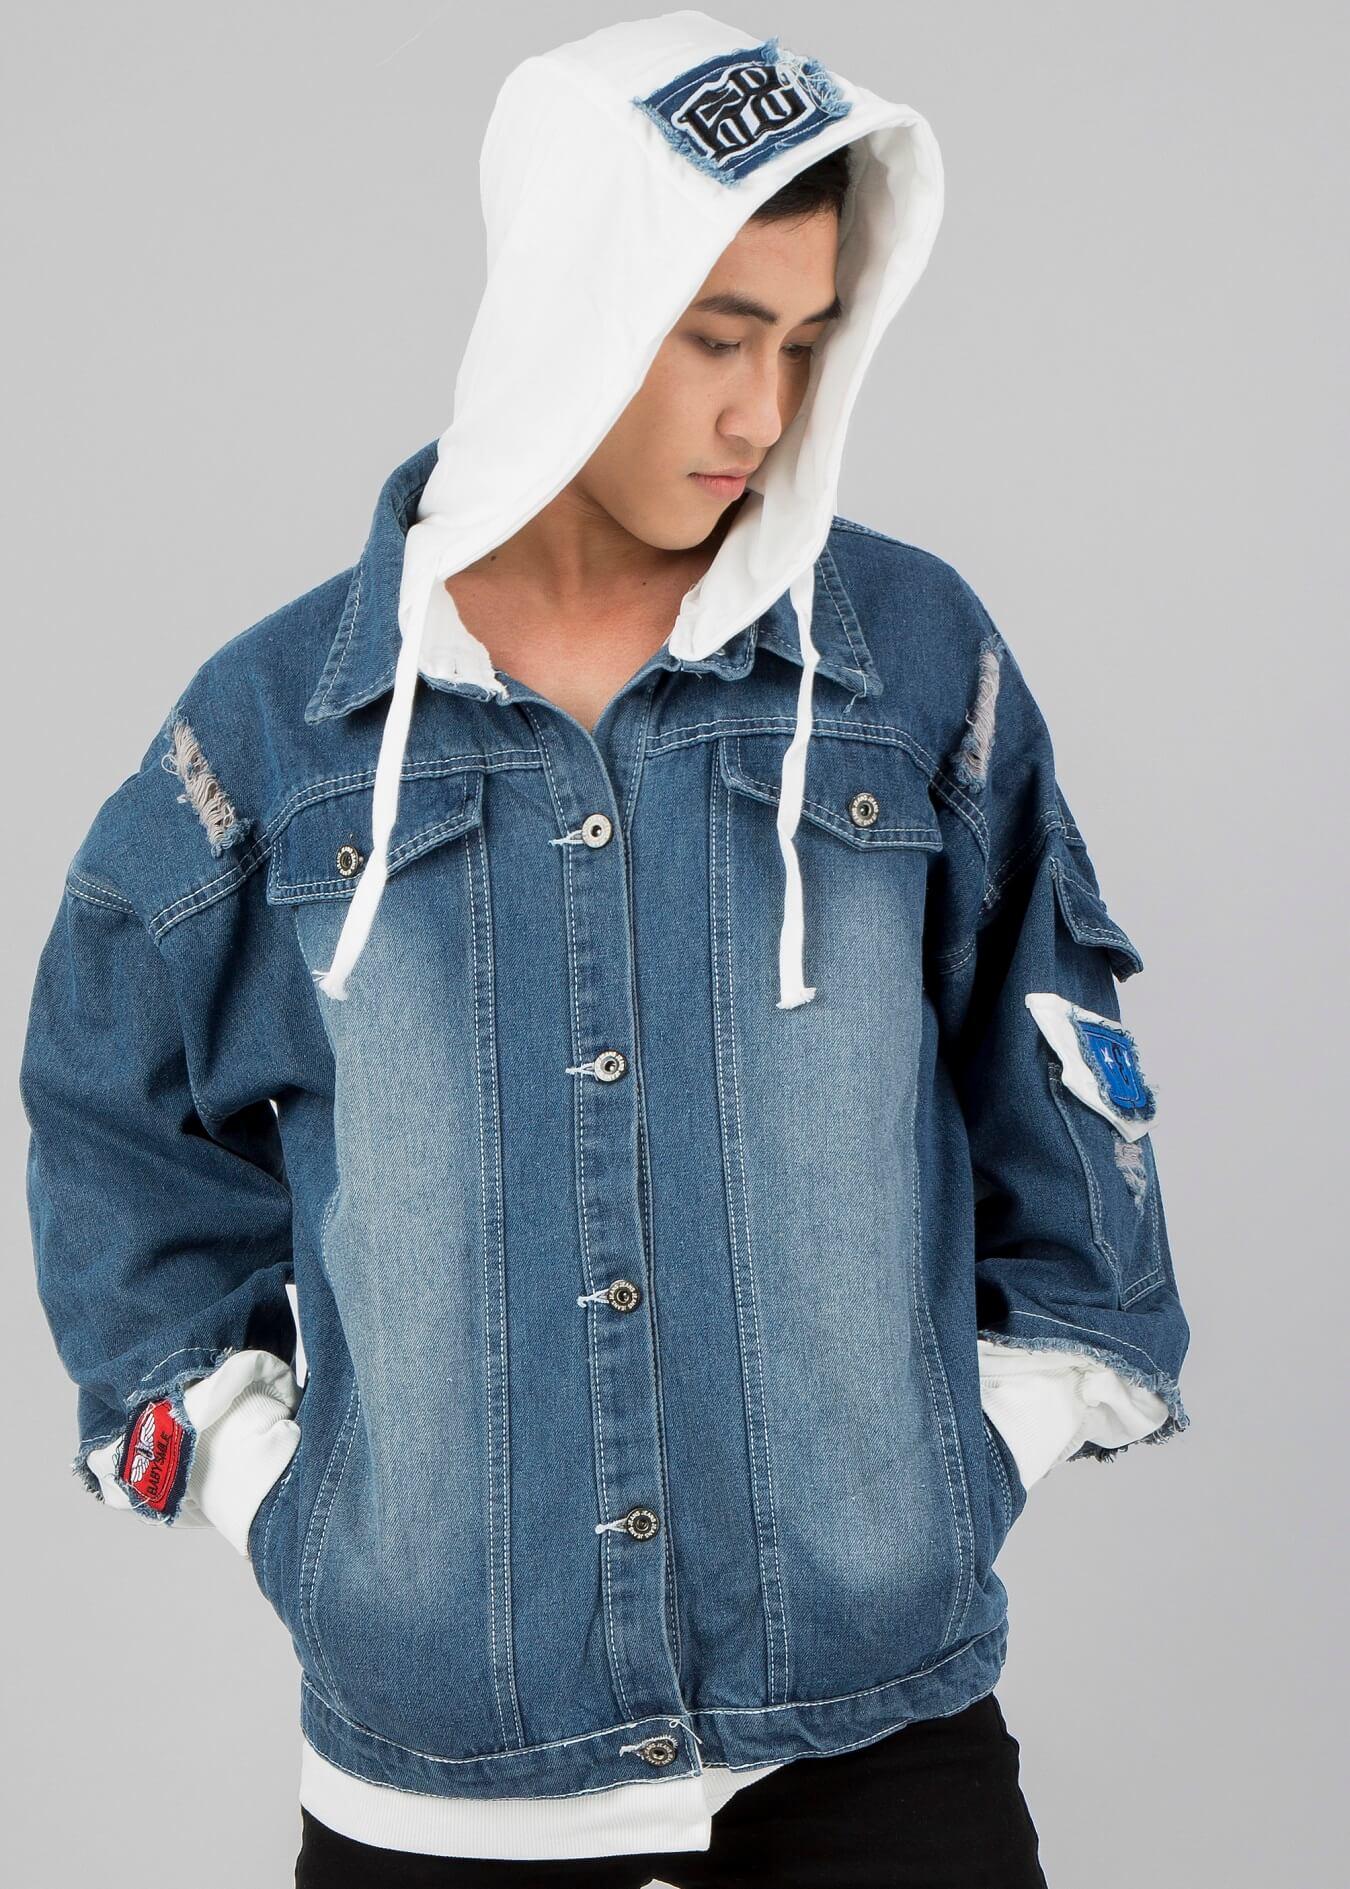 Áo khoác denim hoodie - mẫu áo khoác chất bạn nên sở hữu